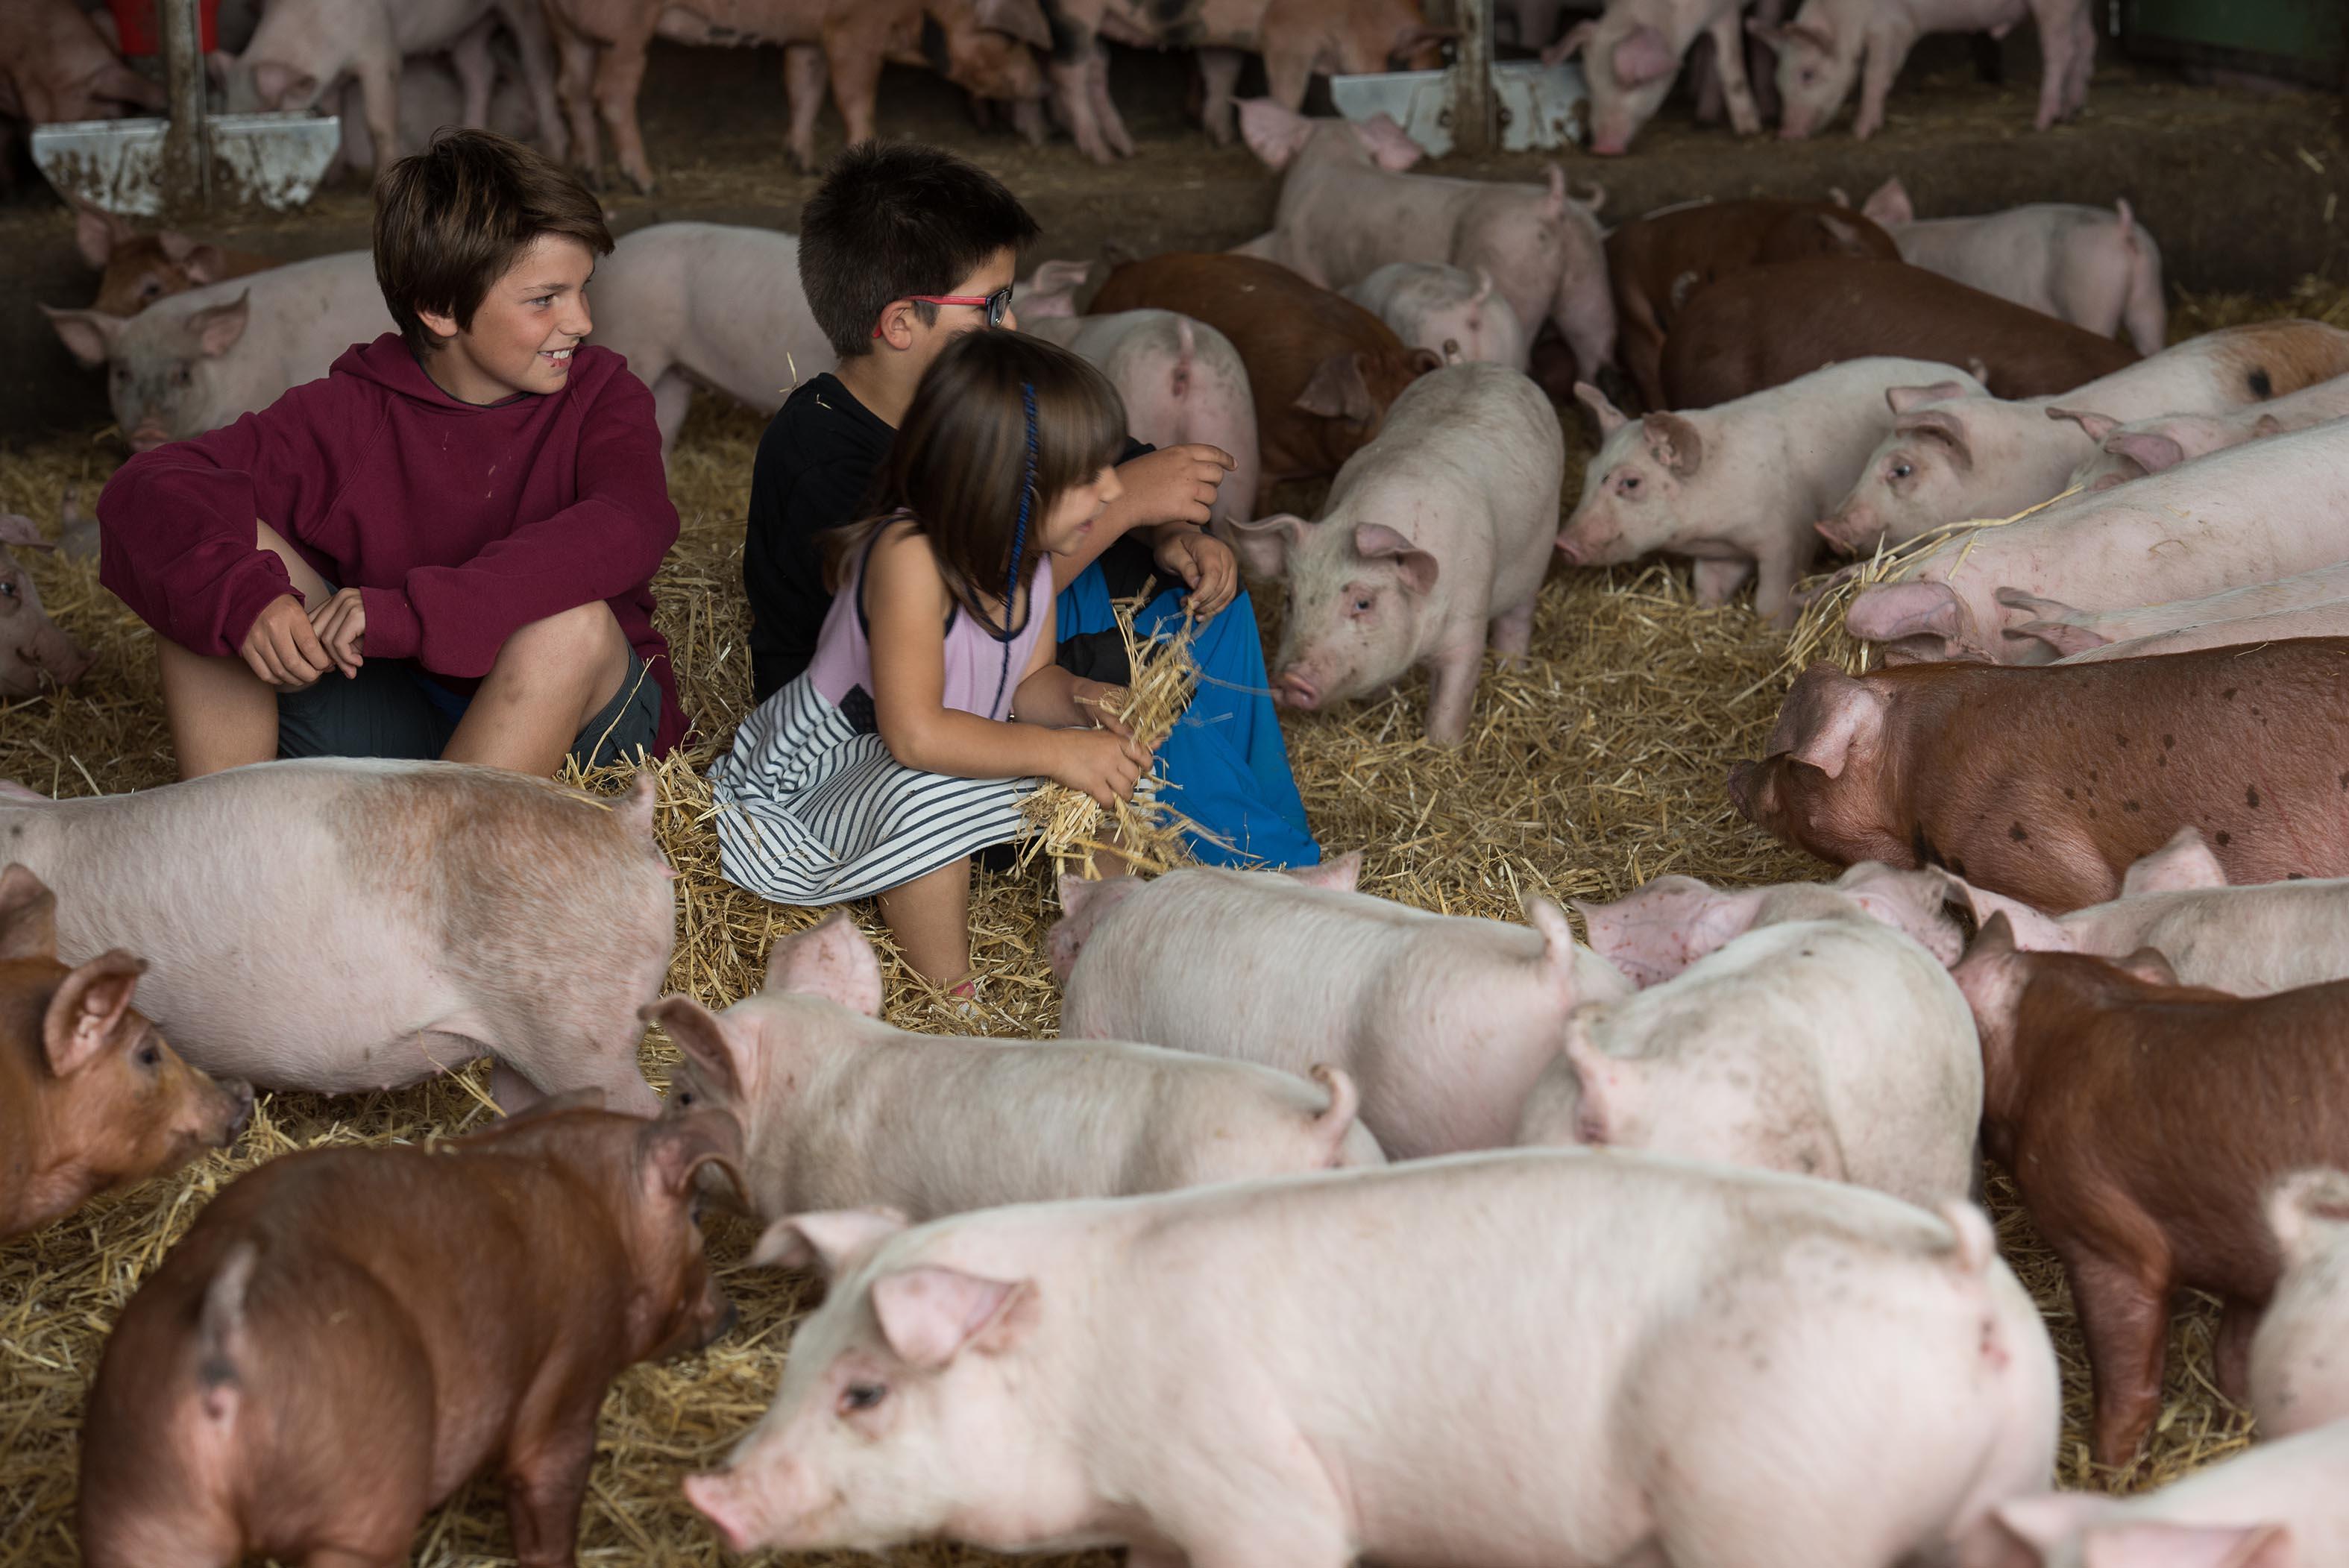 Tres infants, durant la visita a una granja de porcs